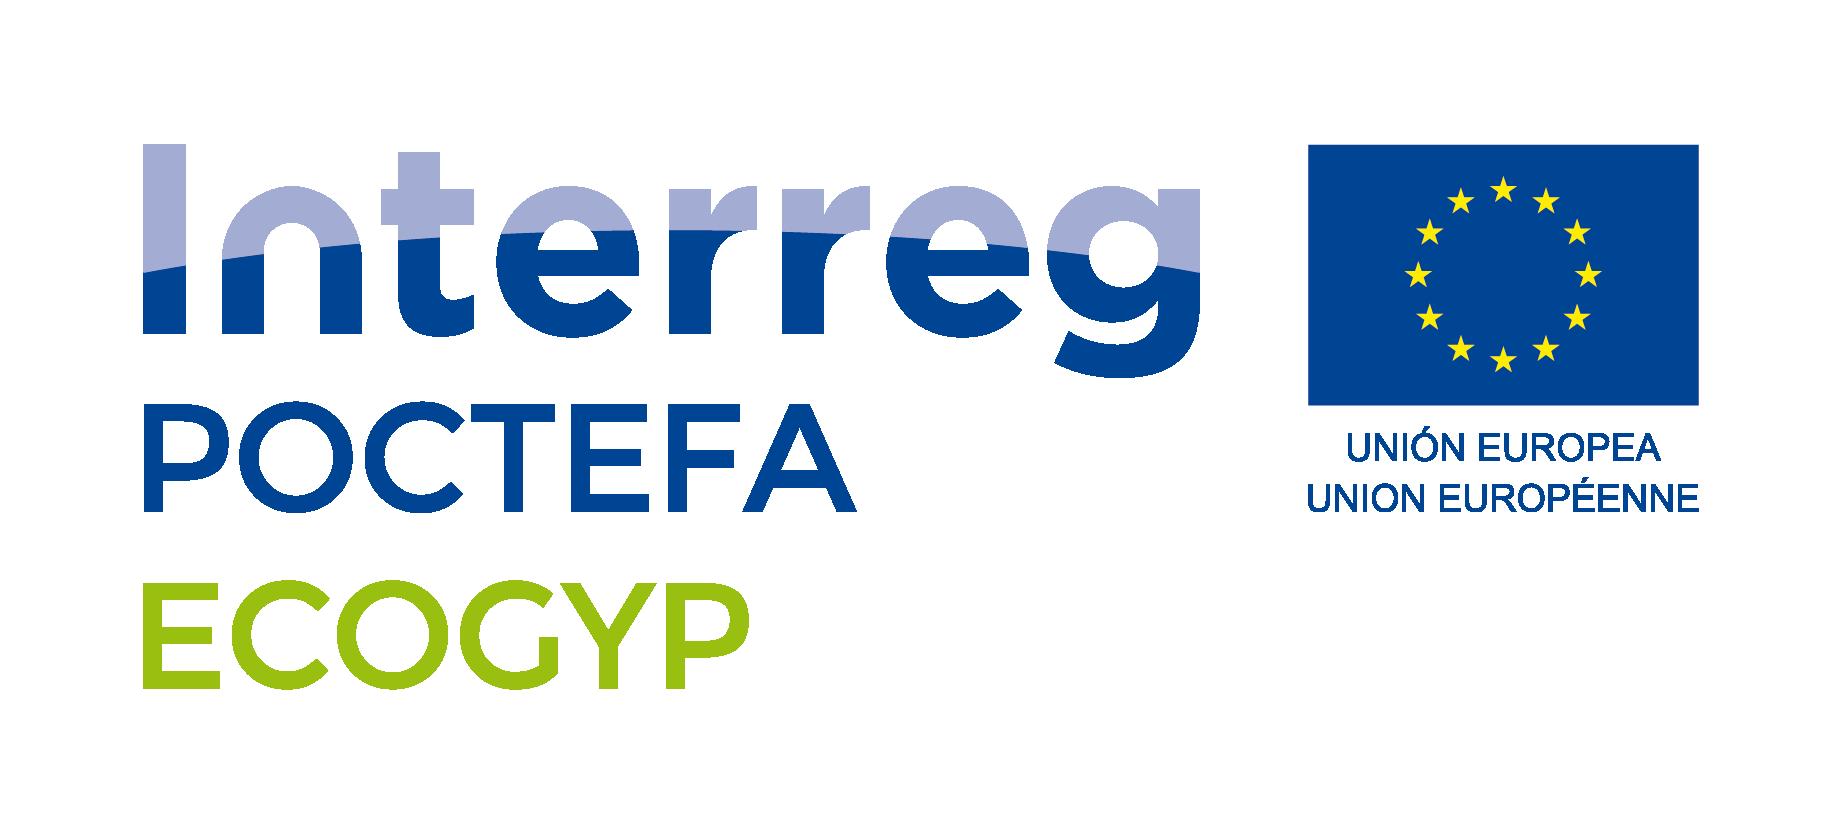 interreg-poctefa-ecogyp-cmyk-1